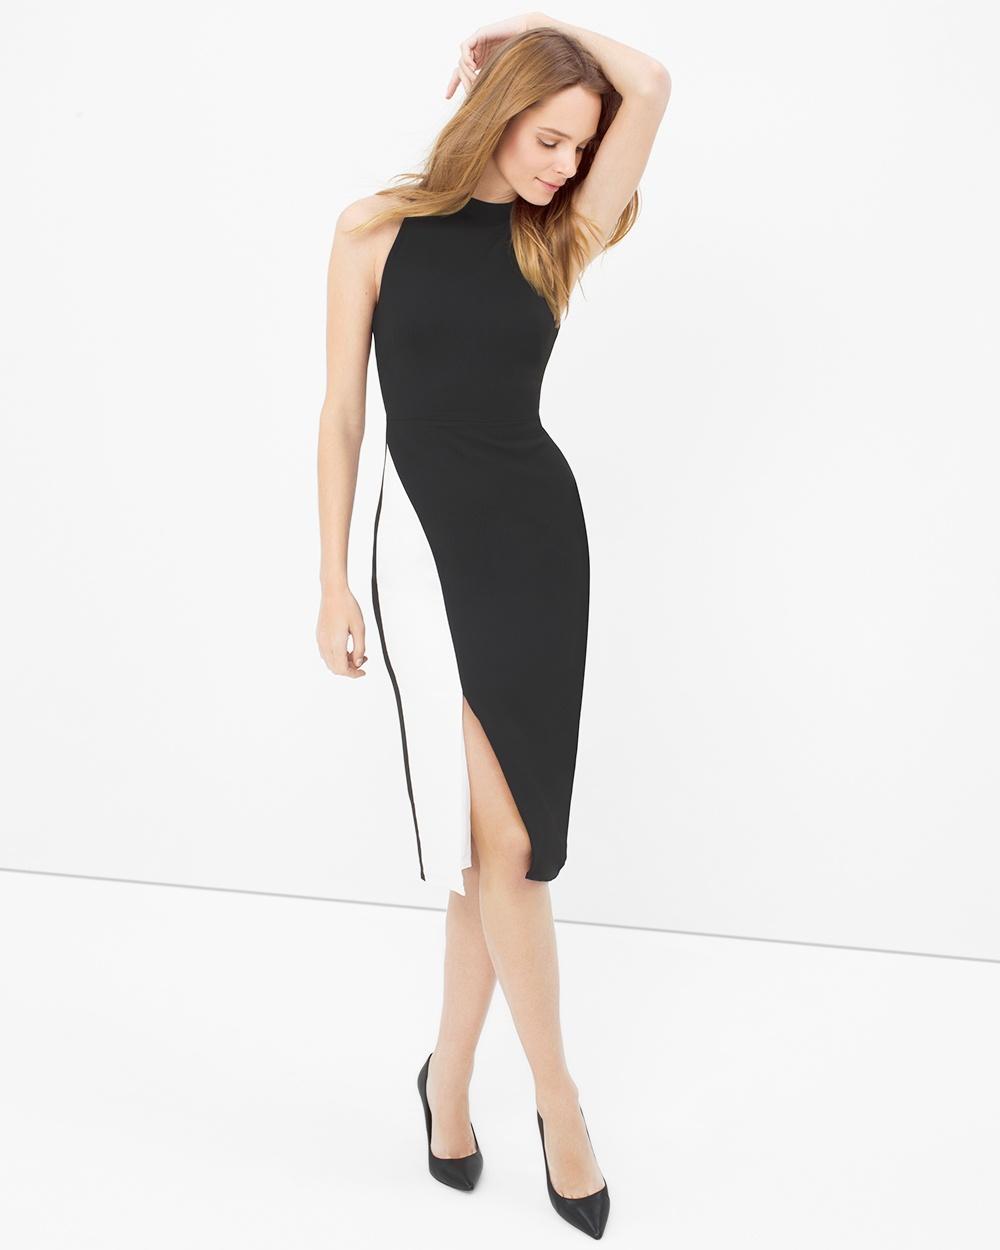 Black-and-white-sheath-dress.jpg